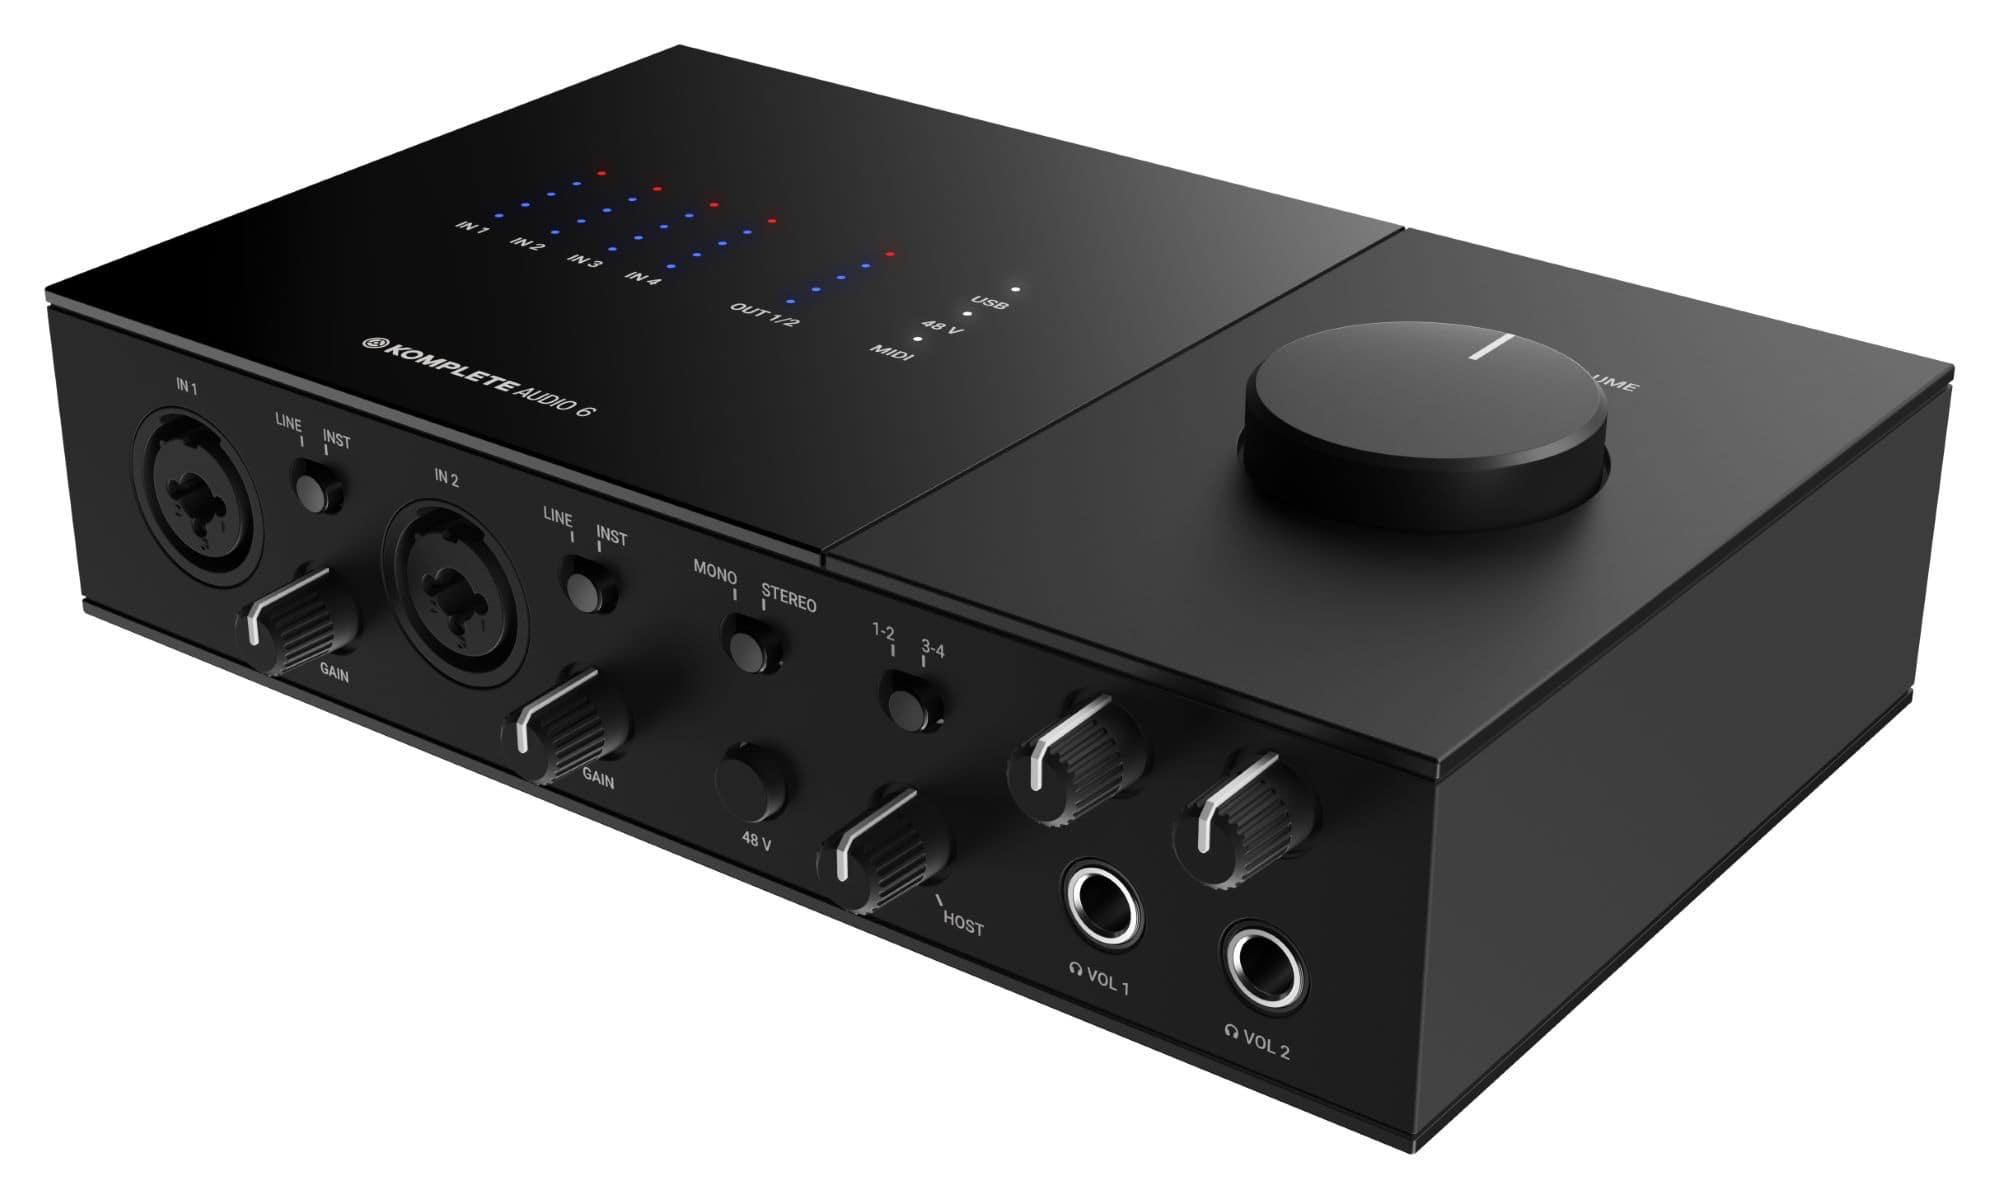 Pchardware - Native Instruments KOMPLETE Audio 6 MK2 - Onlineshop Musikhaus Kirstein